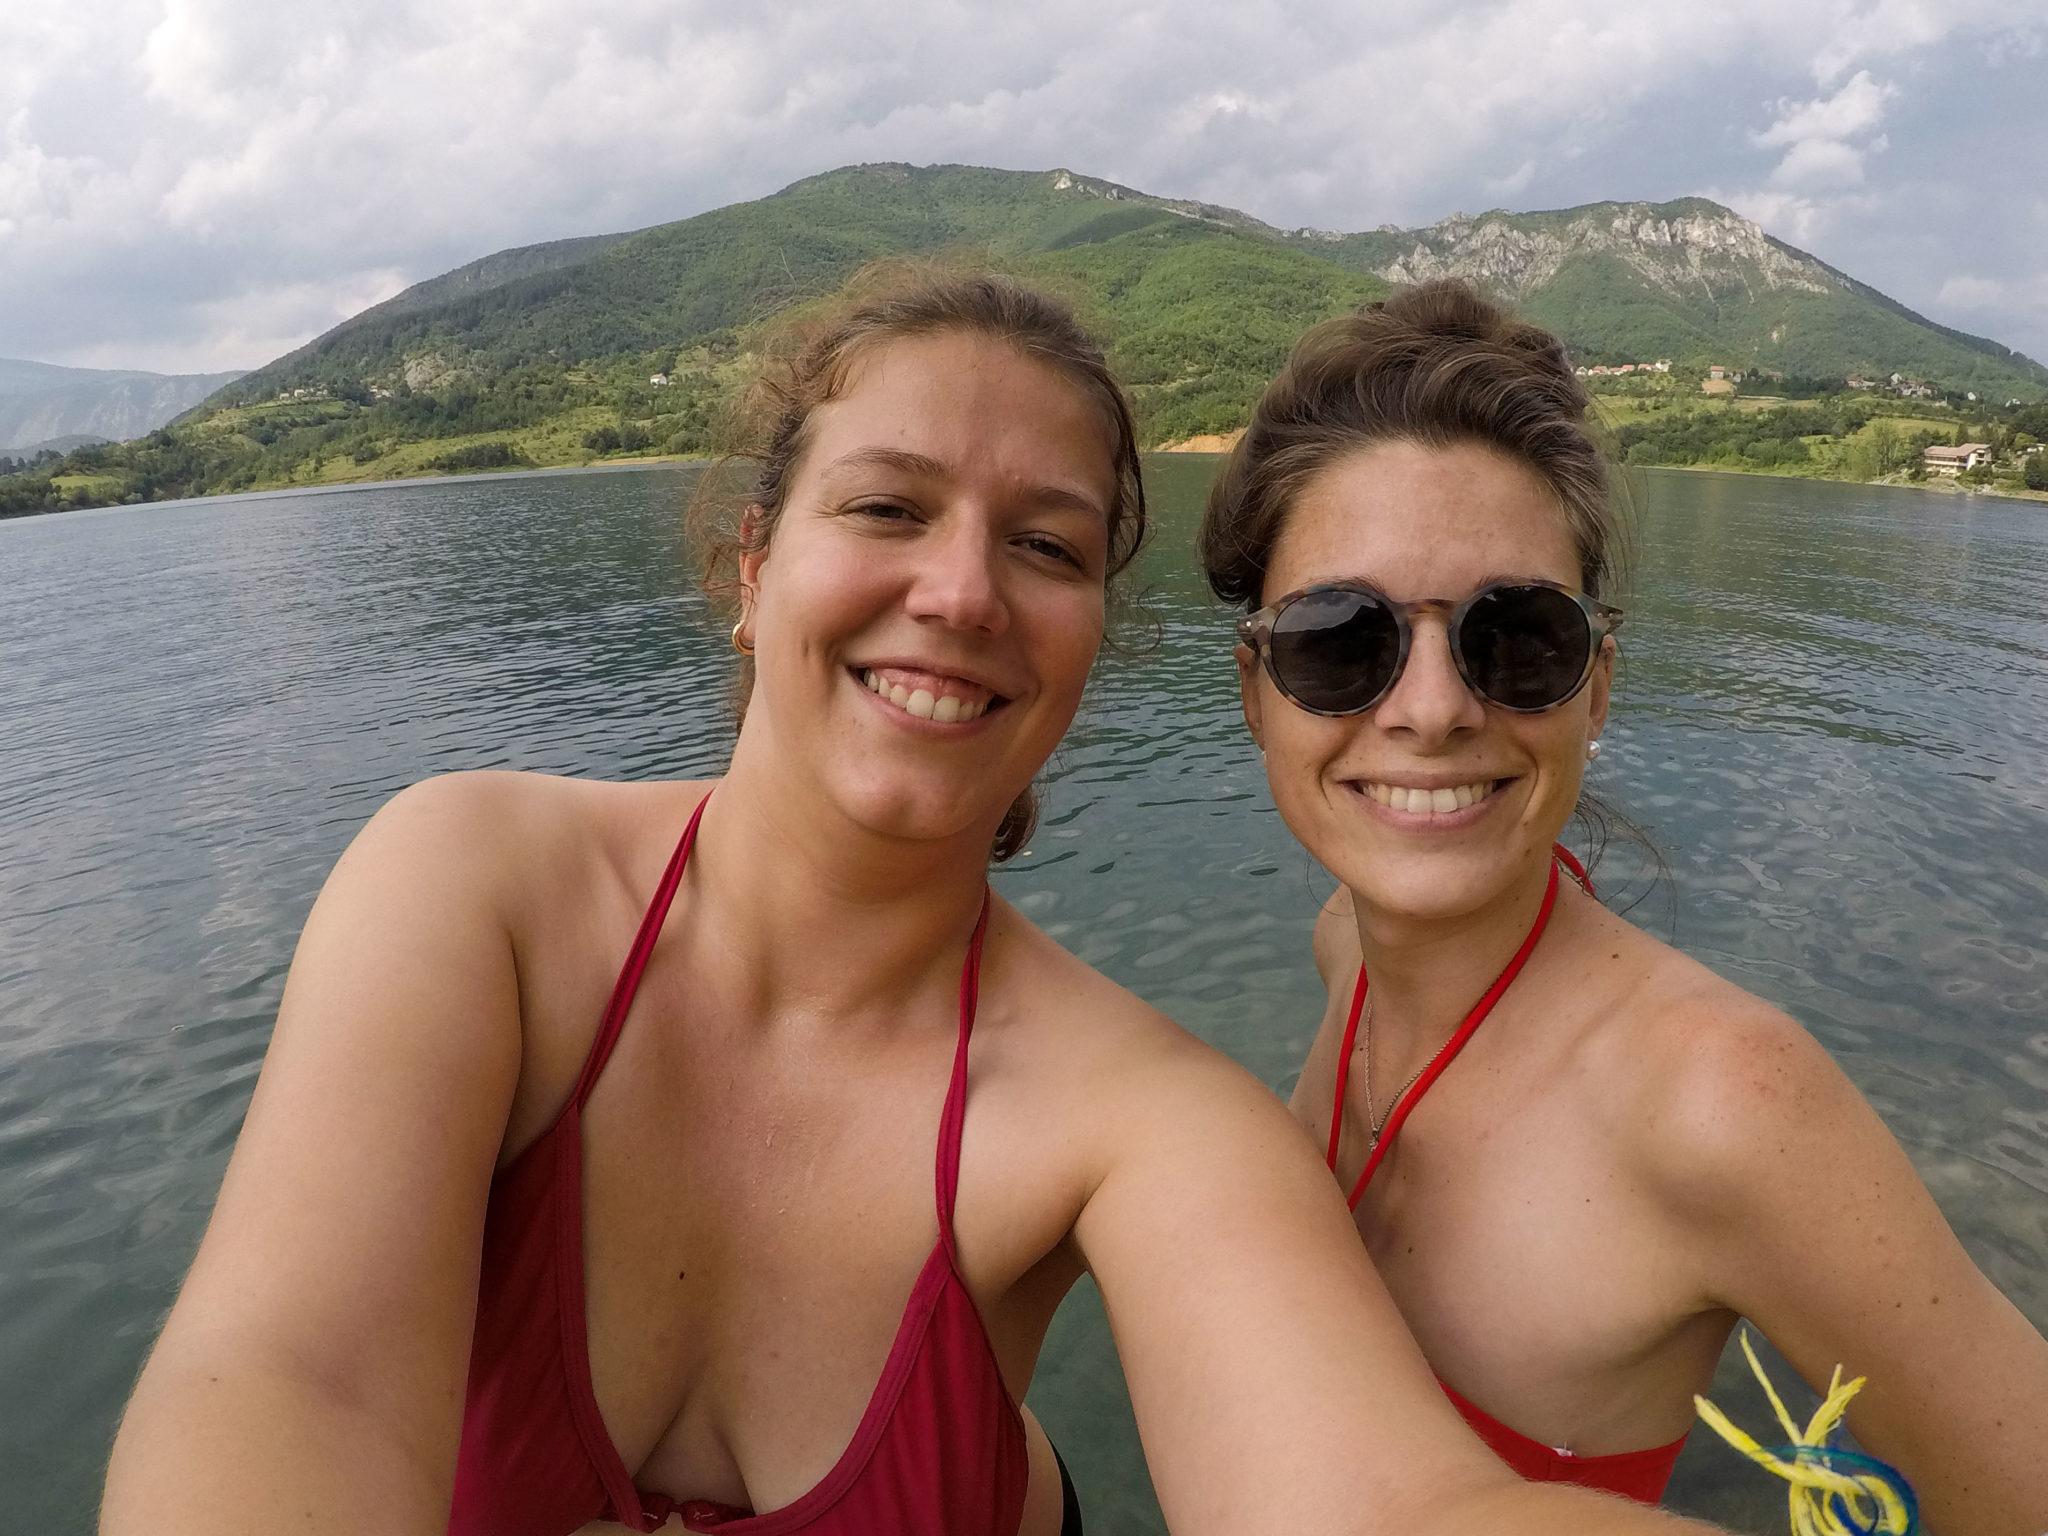 Deux voyageuses, seules, à Ramsko Jezero, le lac de Rama en Bosnie-Herzégovine - Un été nomade en Bosnie - Voyages et Vagabondages, le blog du voyage en solo et au féminin